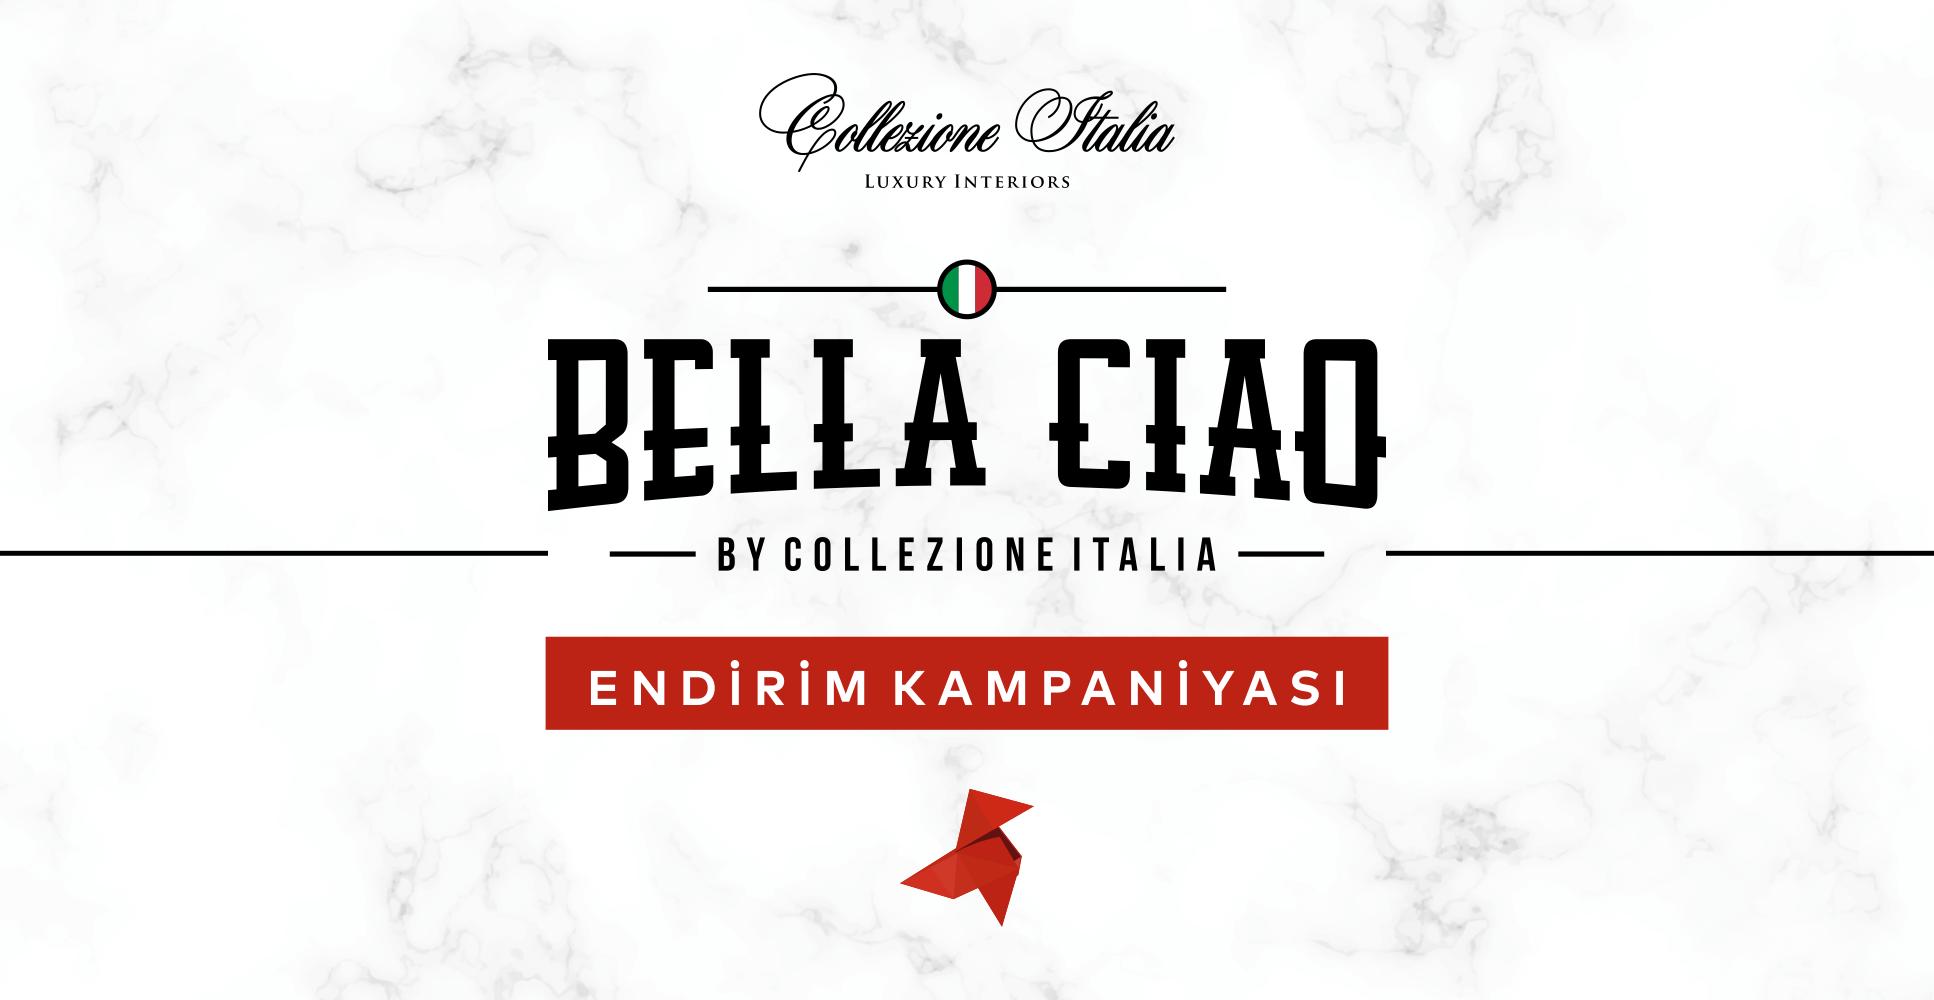 Collezione Italia presents you the new Bella Ciao Campaign!